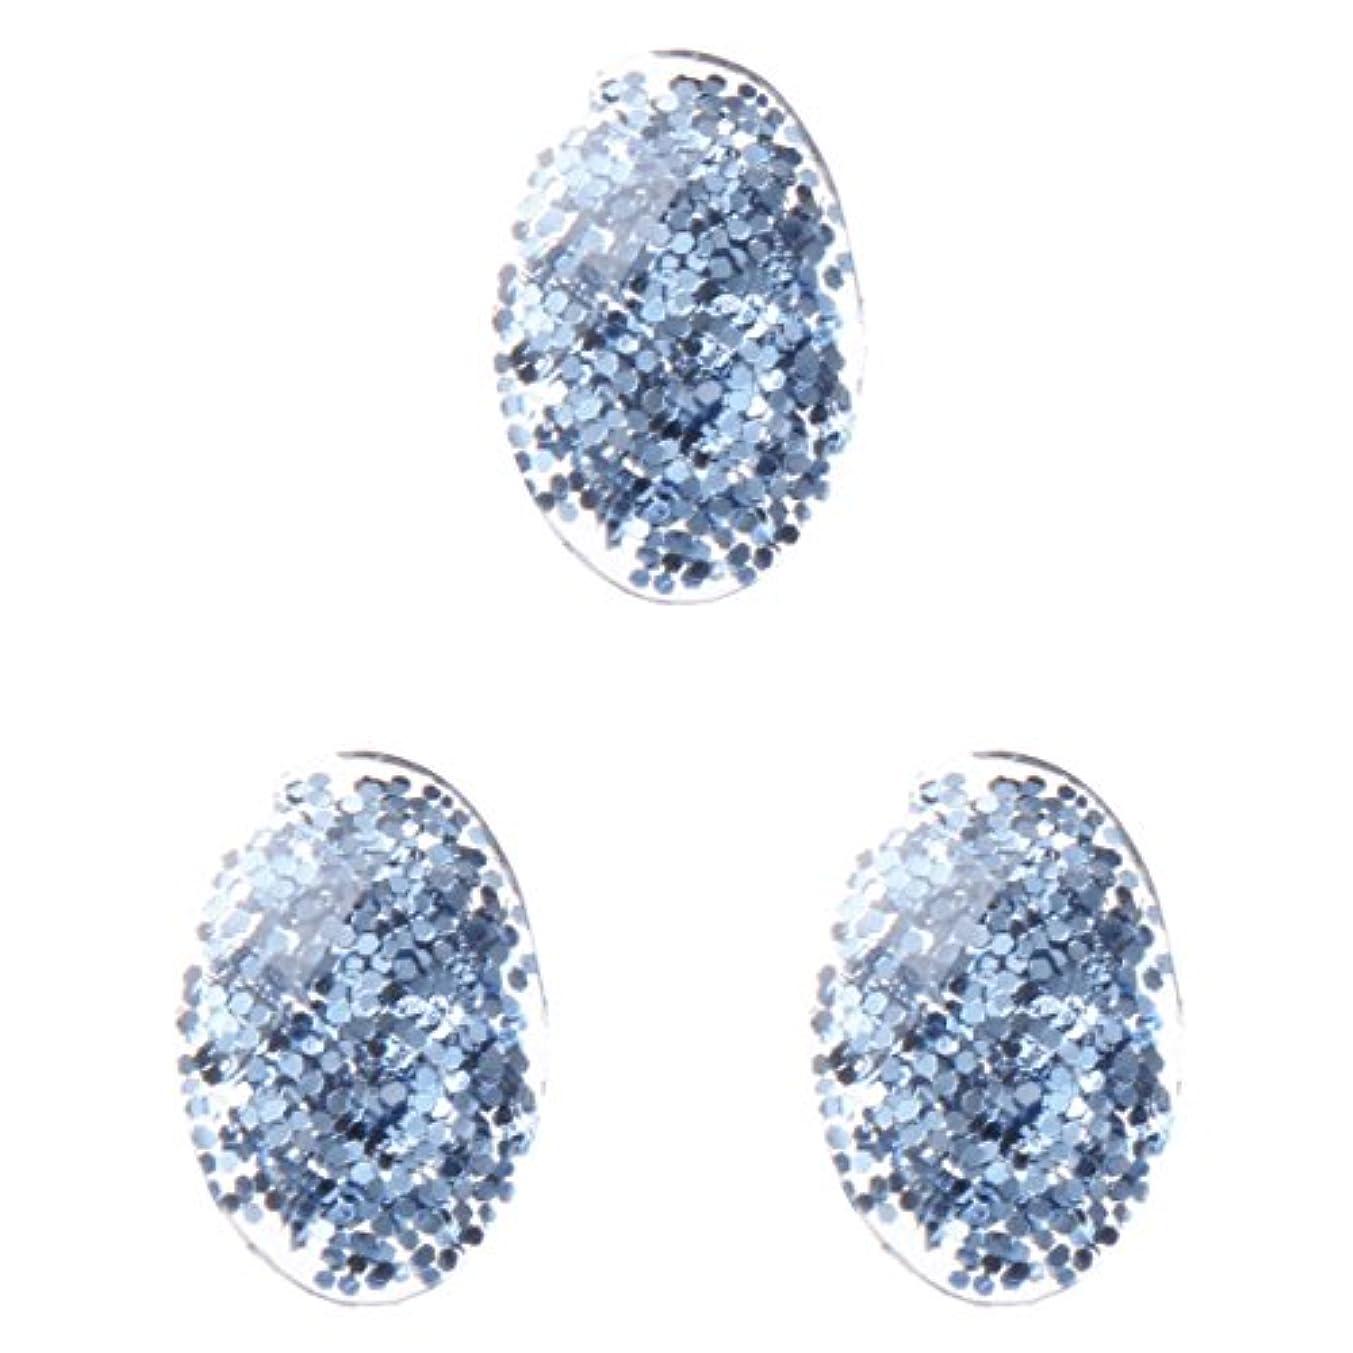 堂々たる春勝者<エトゥベラ>ファンタジーストーン オーバル3×5mm(各30個) ブルー(3x5mm)